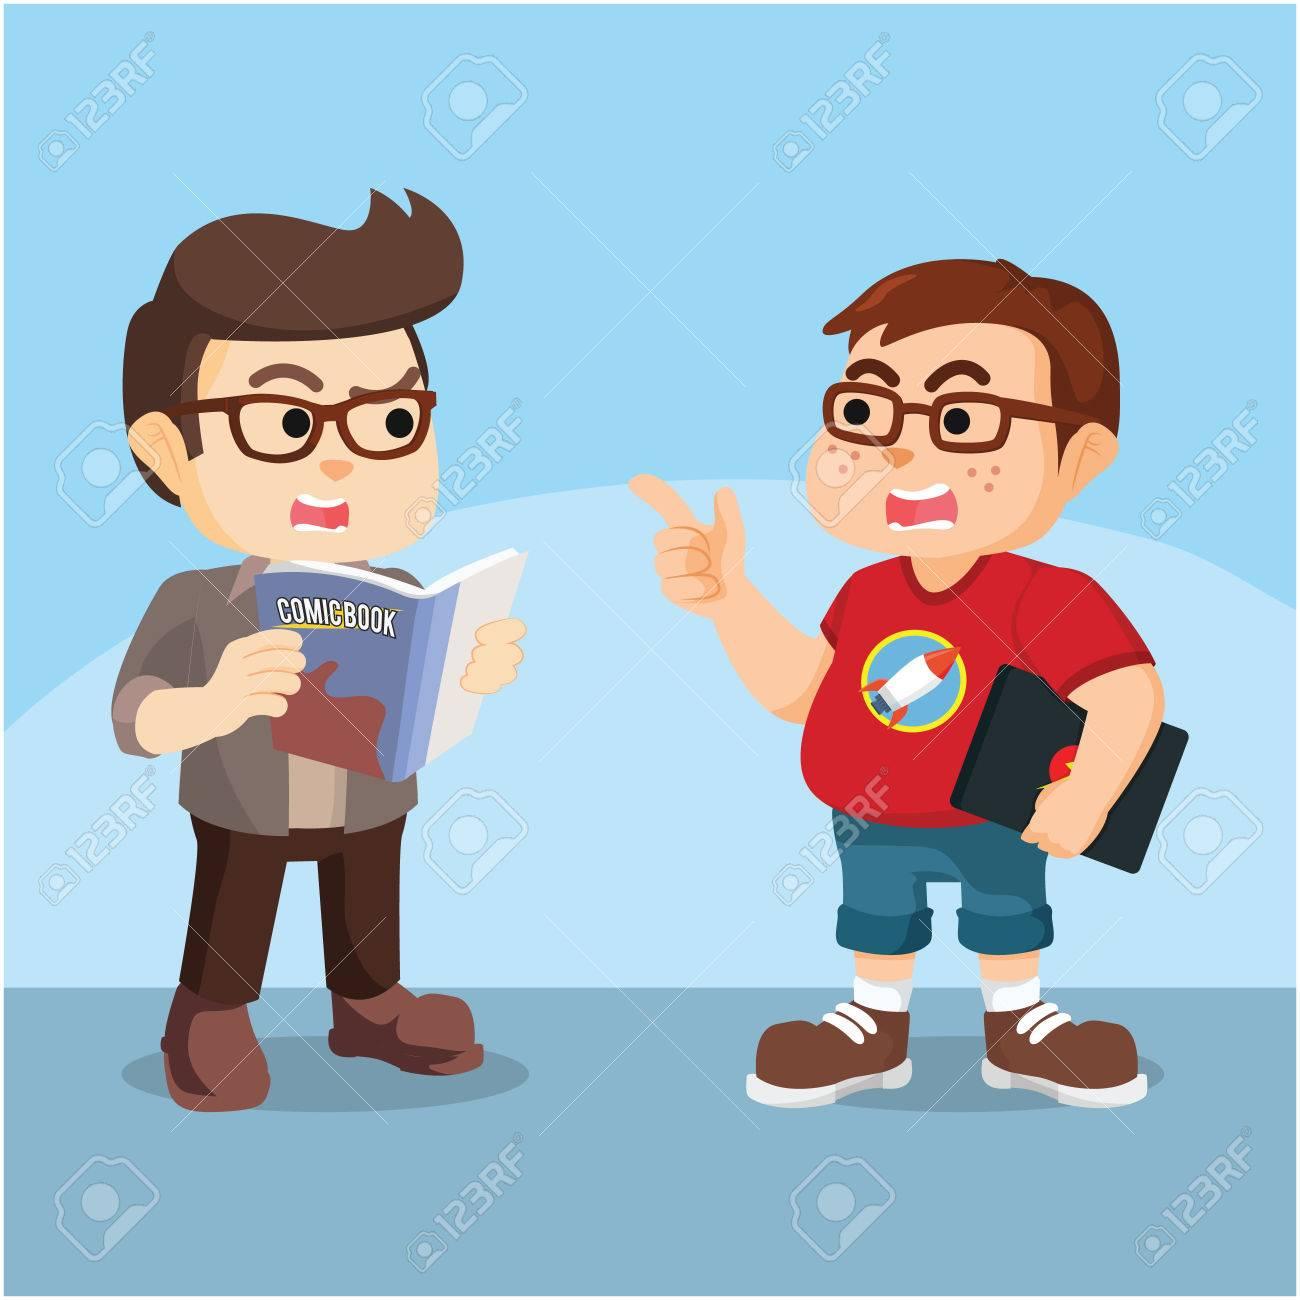 「nerd comic」的圖片搜尋結果